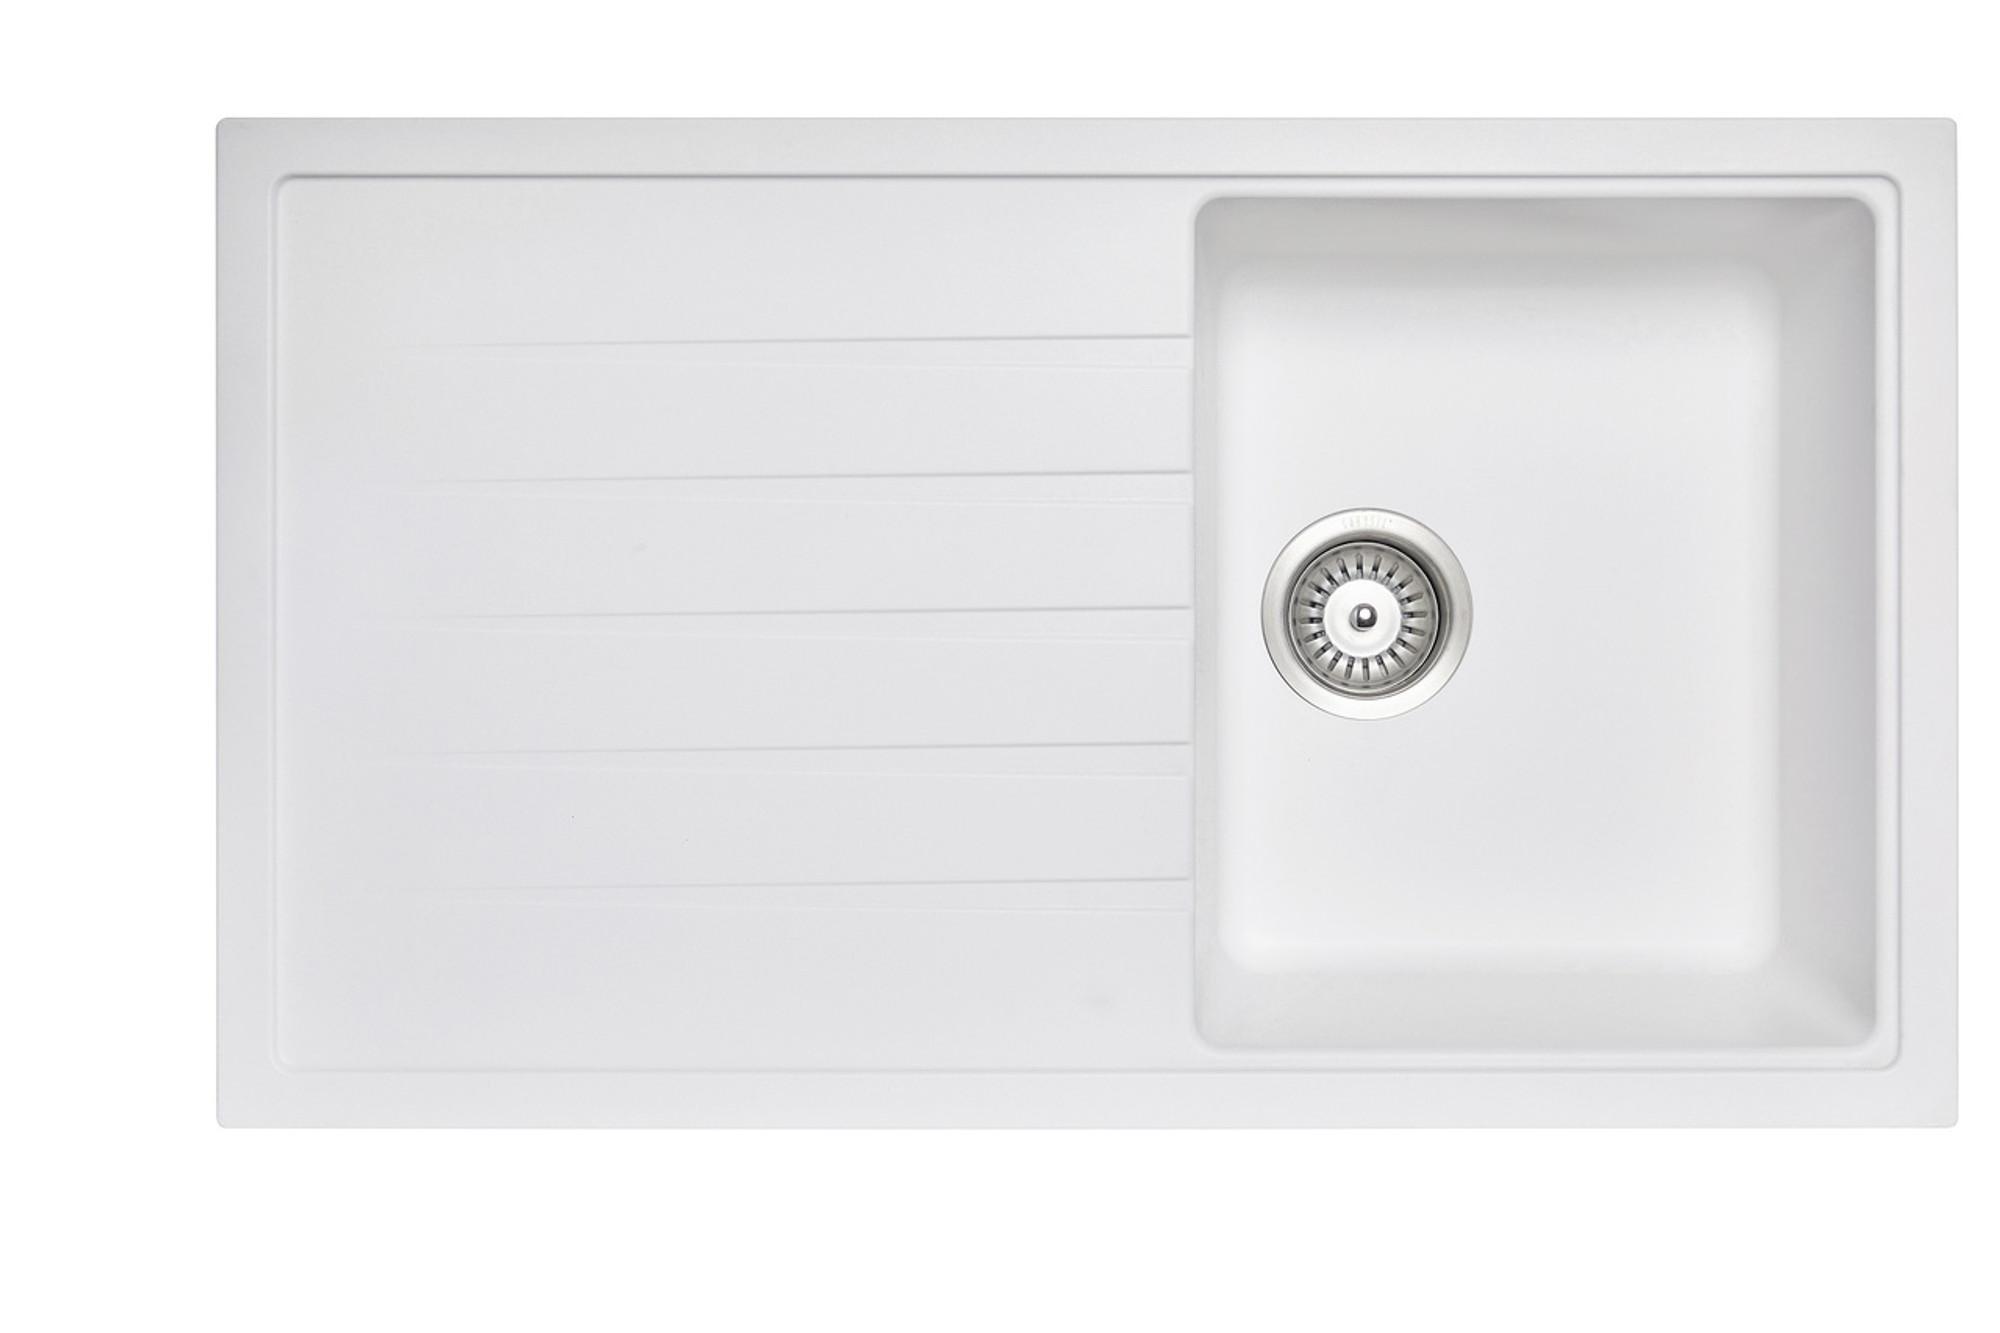 Carysil Vivaldi D100 Granite Kitchen Sink 860mm X 500 Mm X 205mm